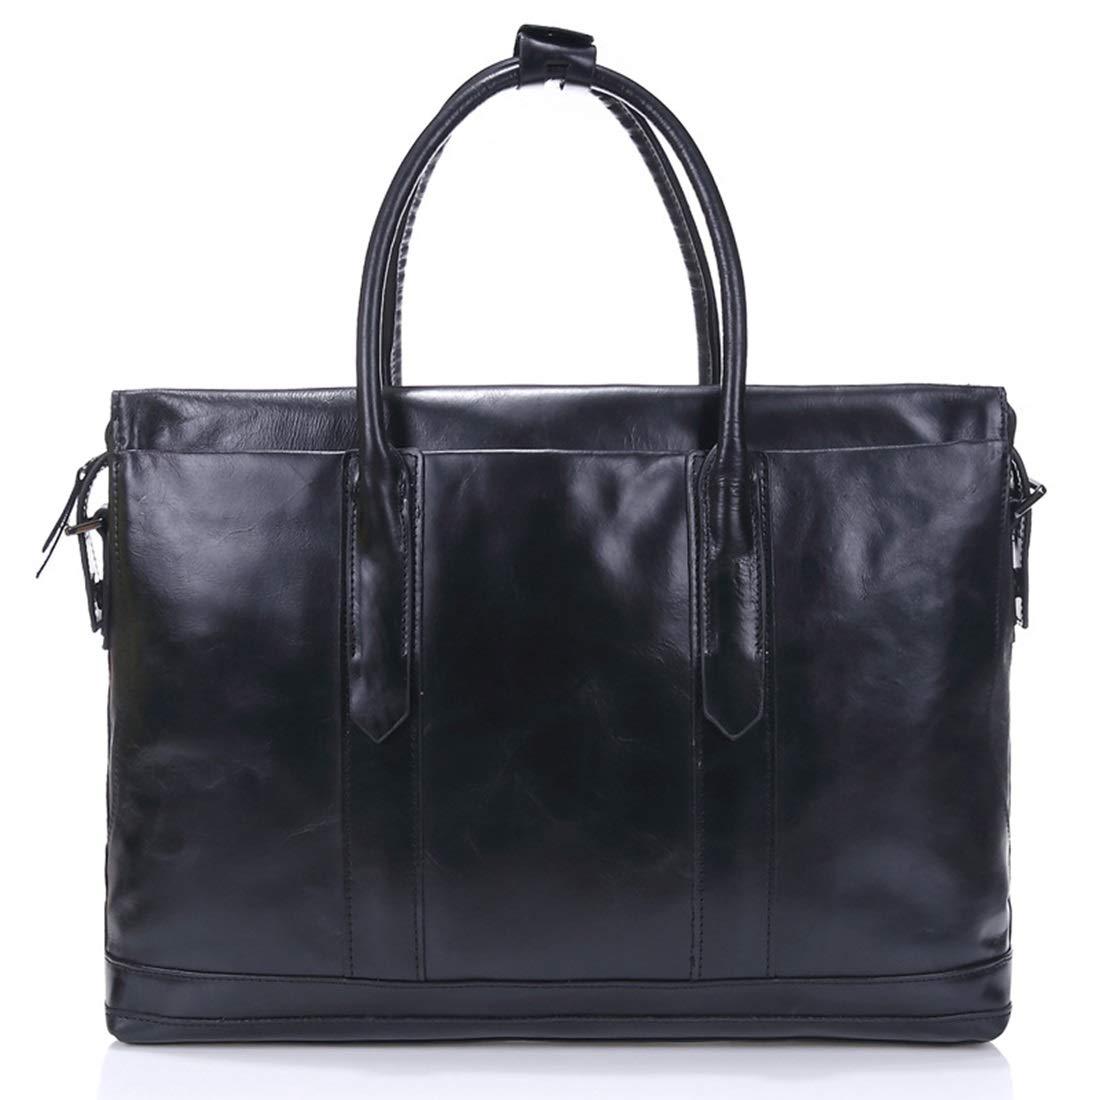 Vergeania メンズレザーハンドバッグトラベルバッグレザービジネスラップトップバッグ折りたたみ式荷物スポーツベルトフィットネスバッグ防水バッグ大型荷物 (色 : 黒) B07RZB1DH3 黒